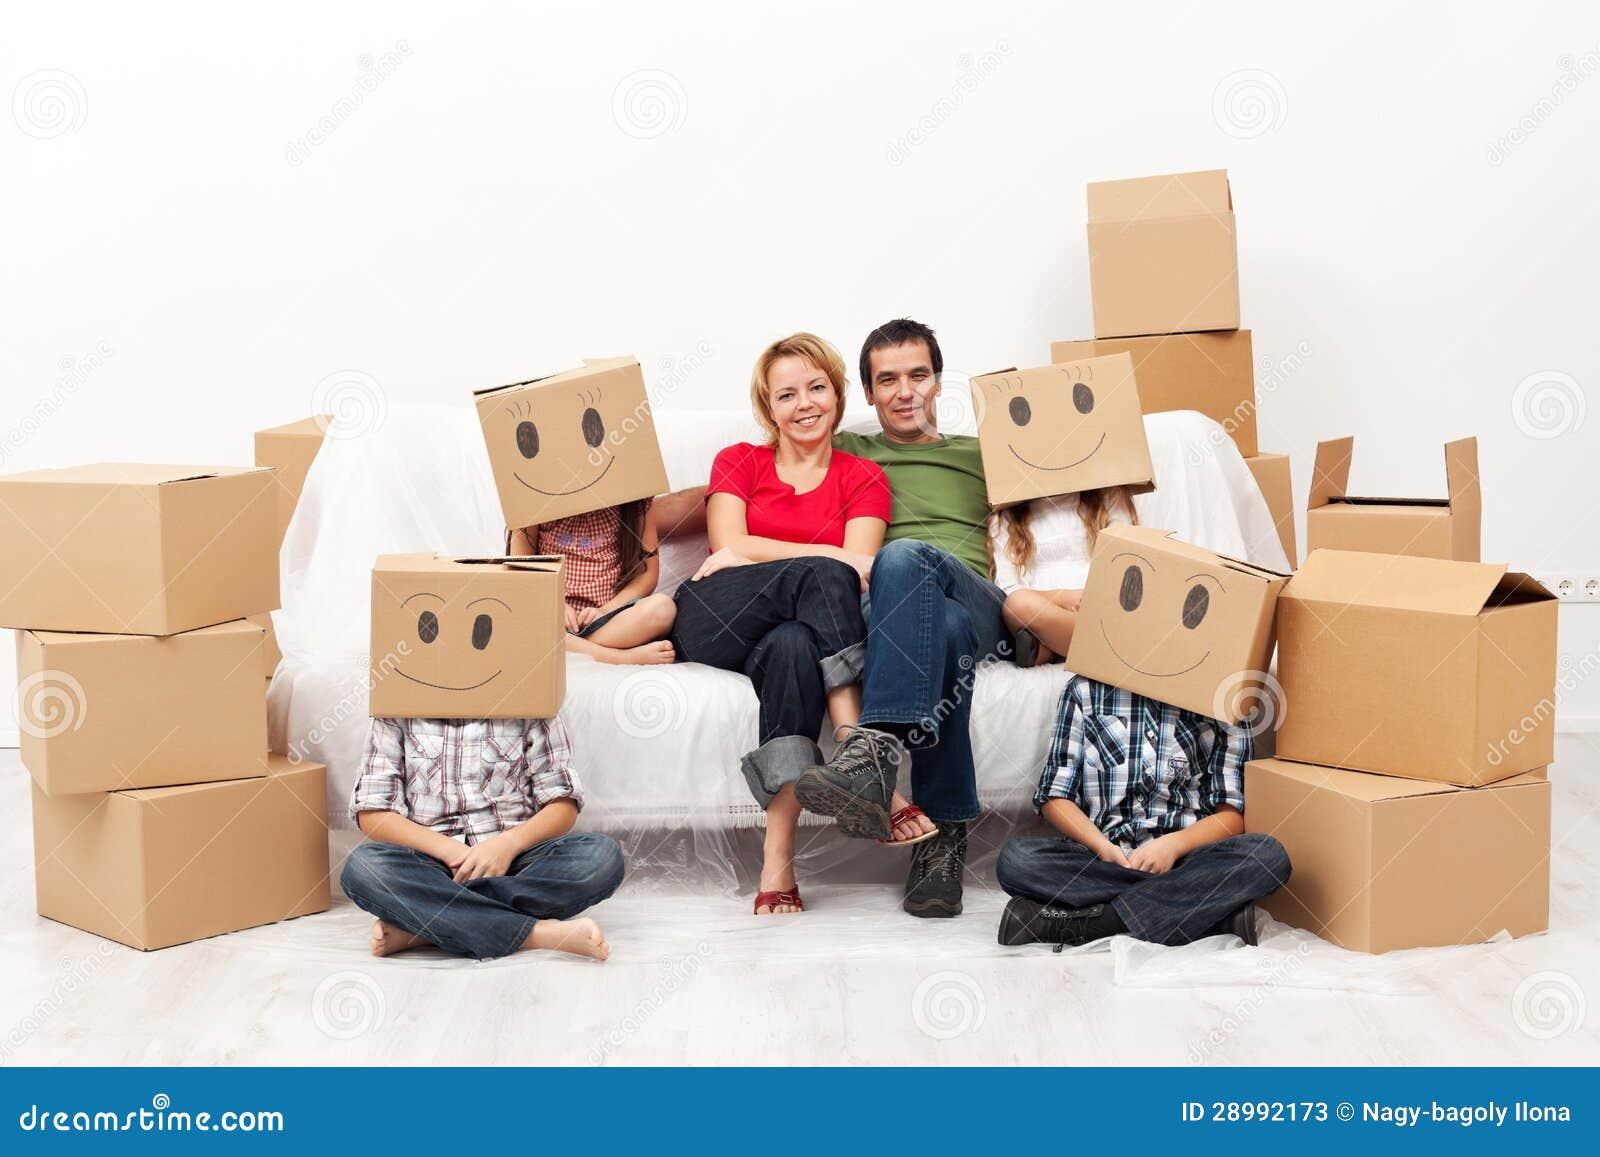 Ευτυχής οικογένεια με τέσσερα παιδιά στο νέο σπίτι τους